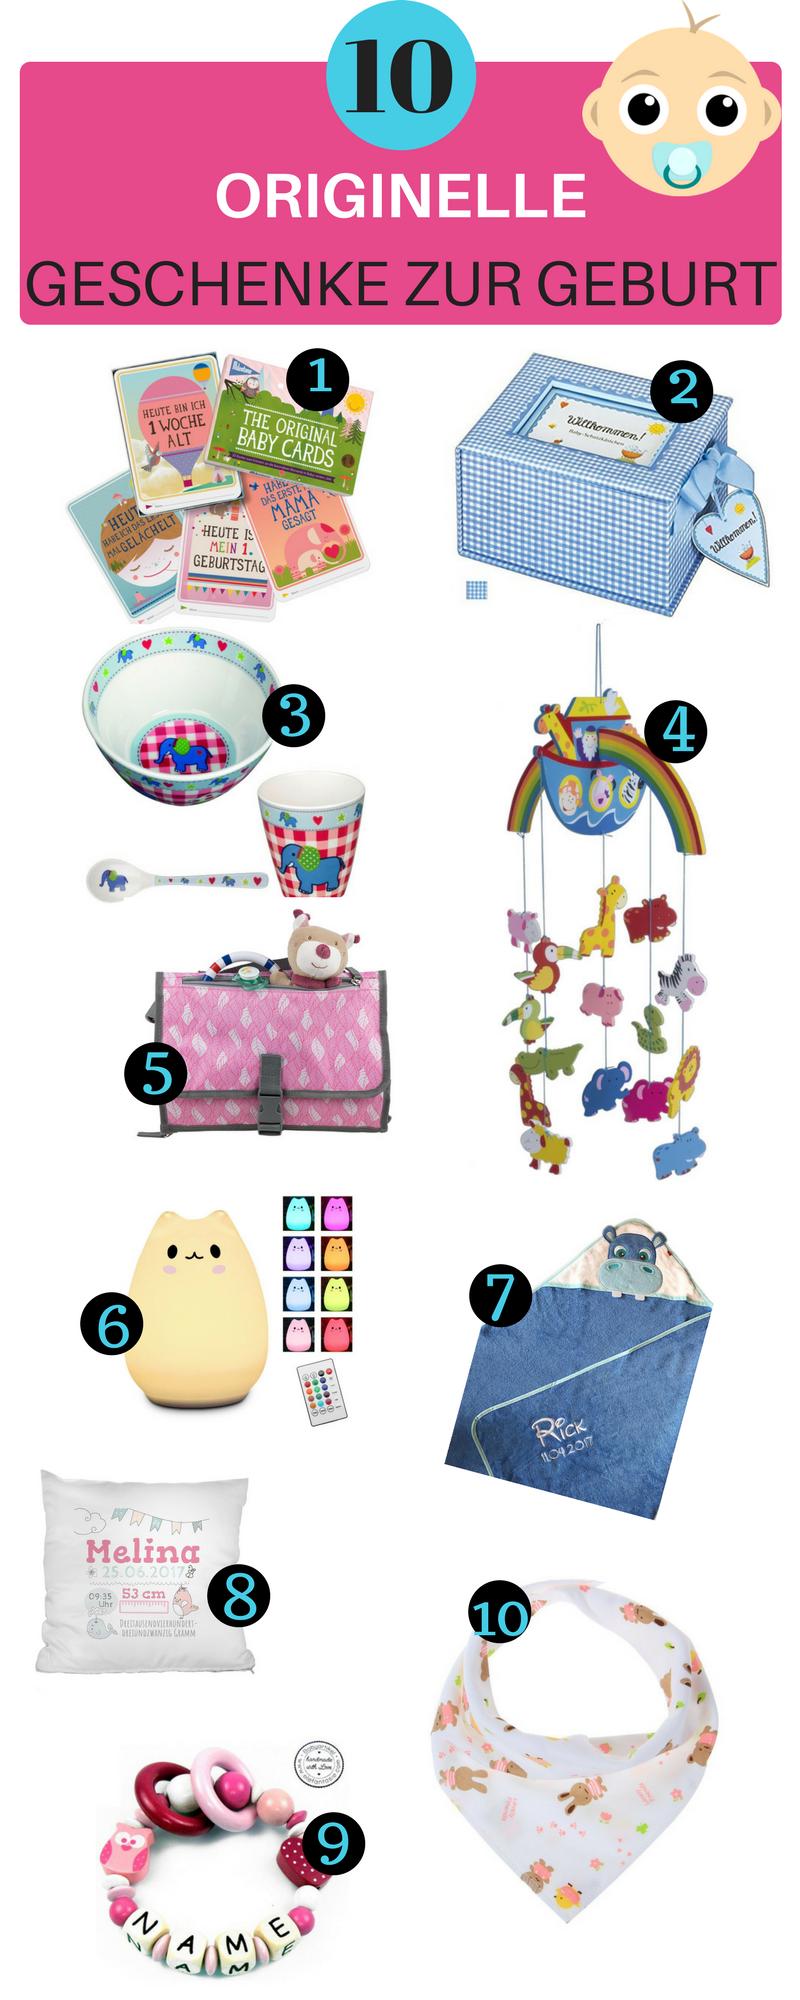 10 originelle Geschenke zur Geburt für Mädchen & Jungs | Baby und ...